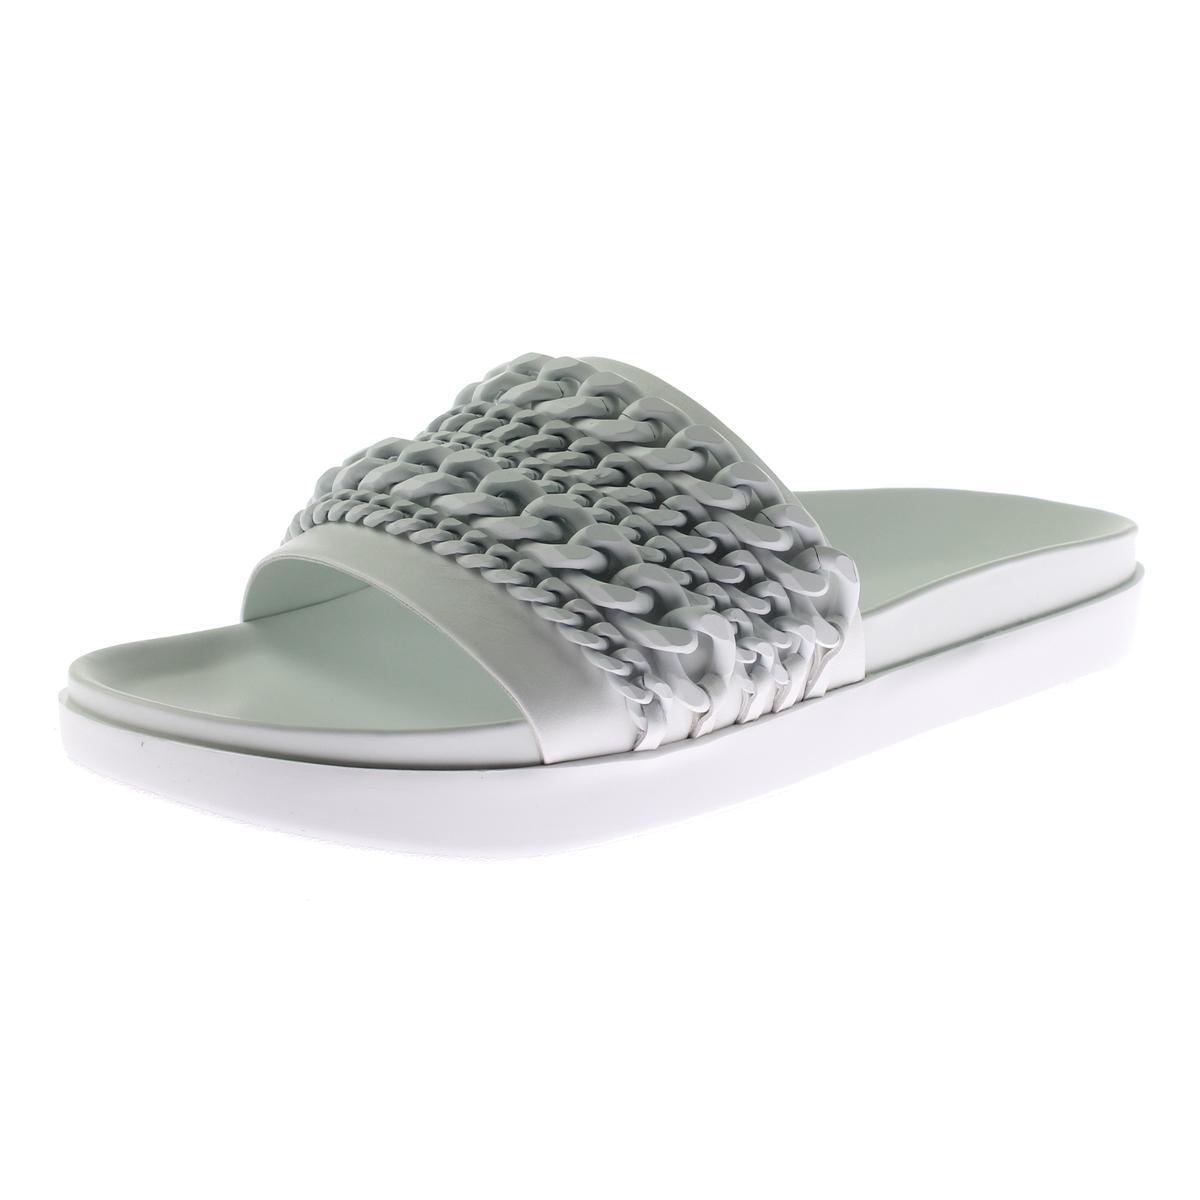 Kendall + Kylie 2 Damenschuhe Shiloh 2 Kylie Leder Fashion Slide Sandales Schuhes BHFO 3912 066af7